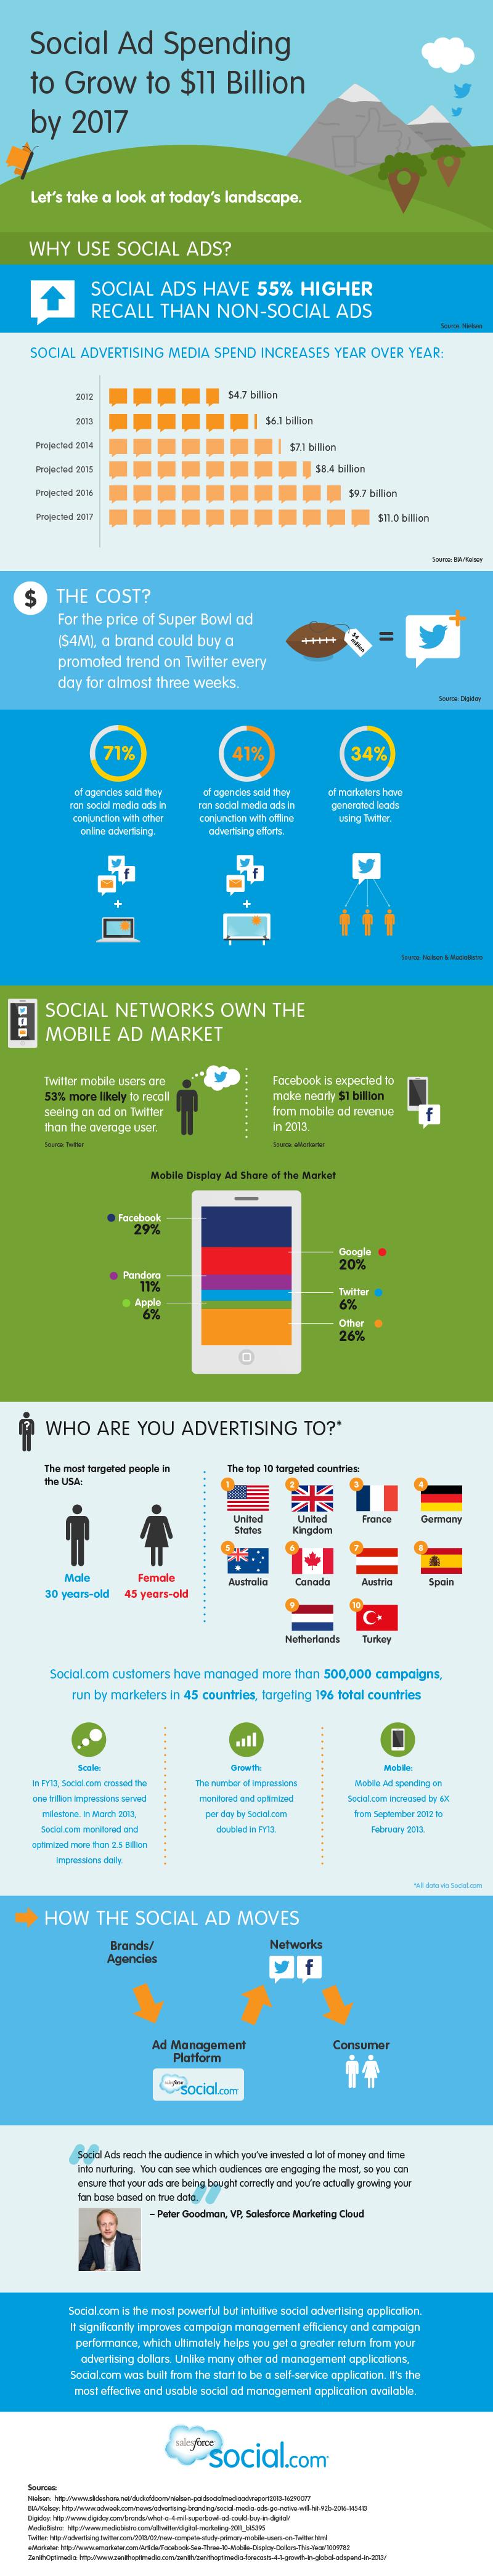 El gasto en publicidad en las redes sociales superará los 8.000 millones de euros en 2017